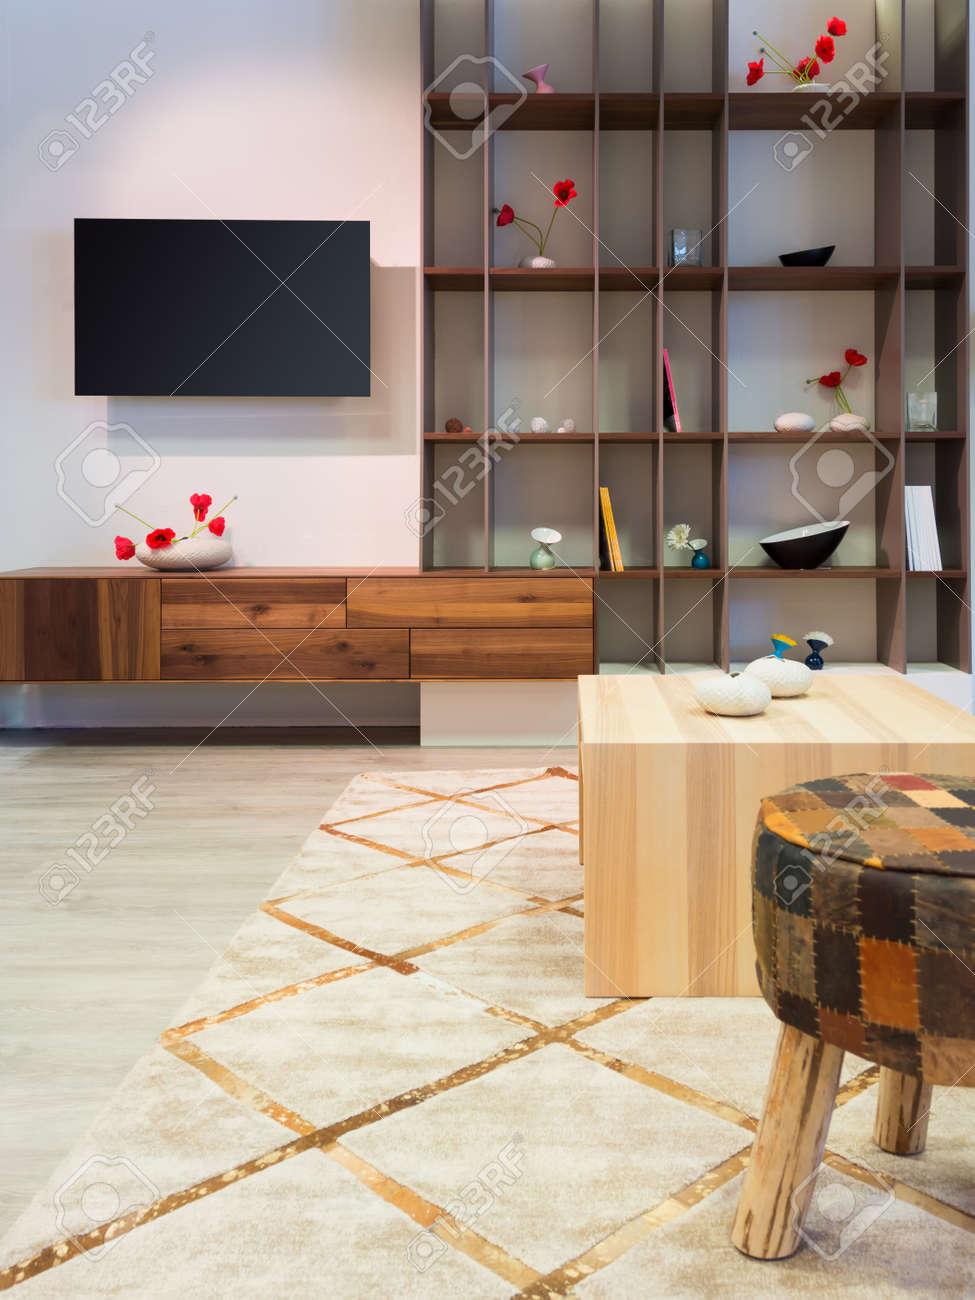 Banque Du0027images   Meubles De Salon En Bois Moderne Avec étagère Et  Télévision à écran Plat Au Mur